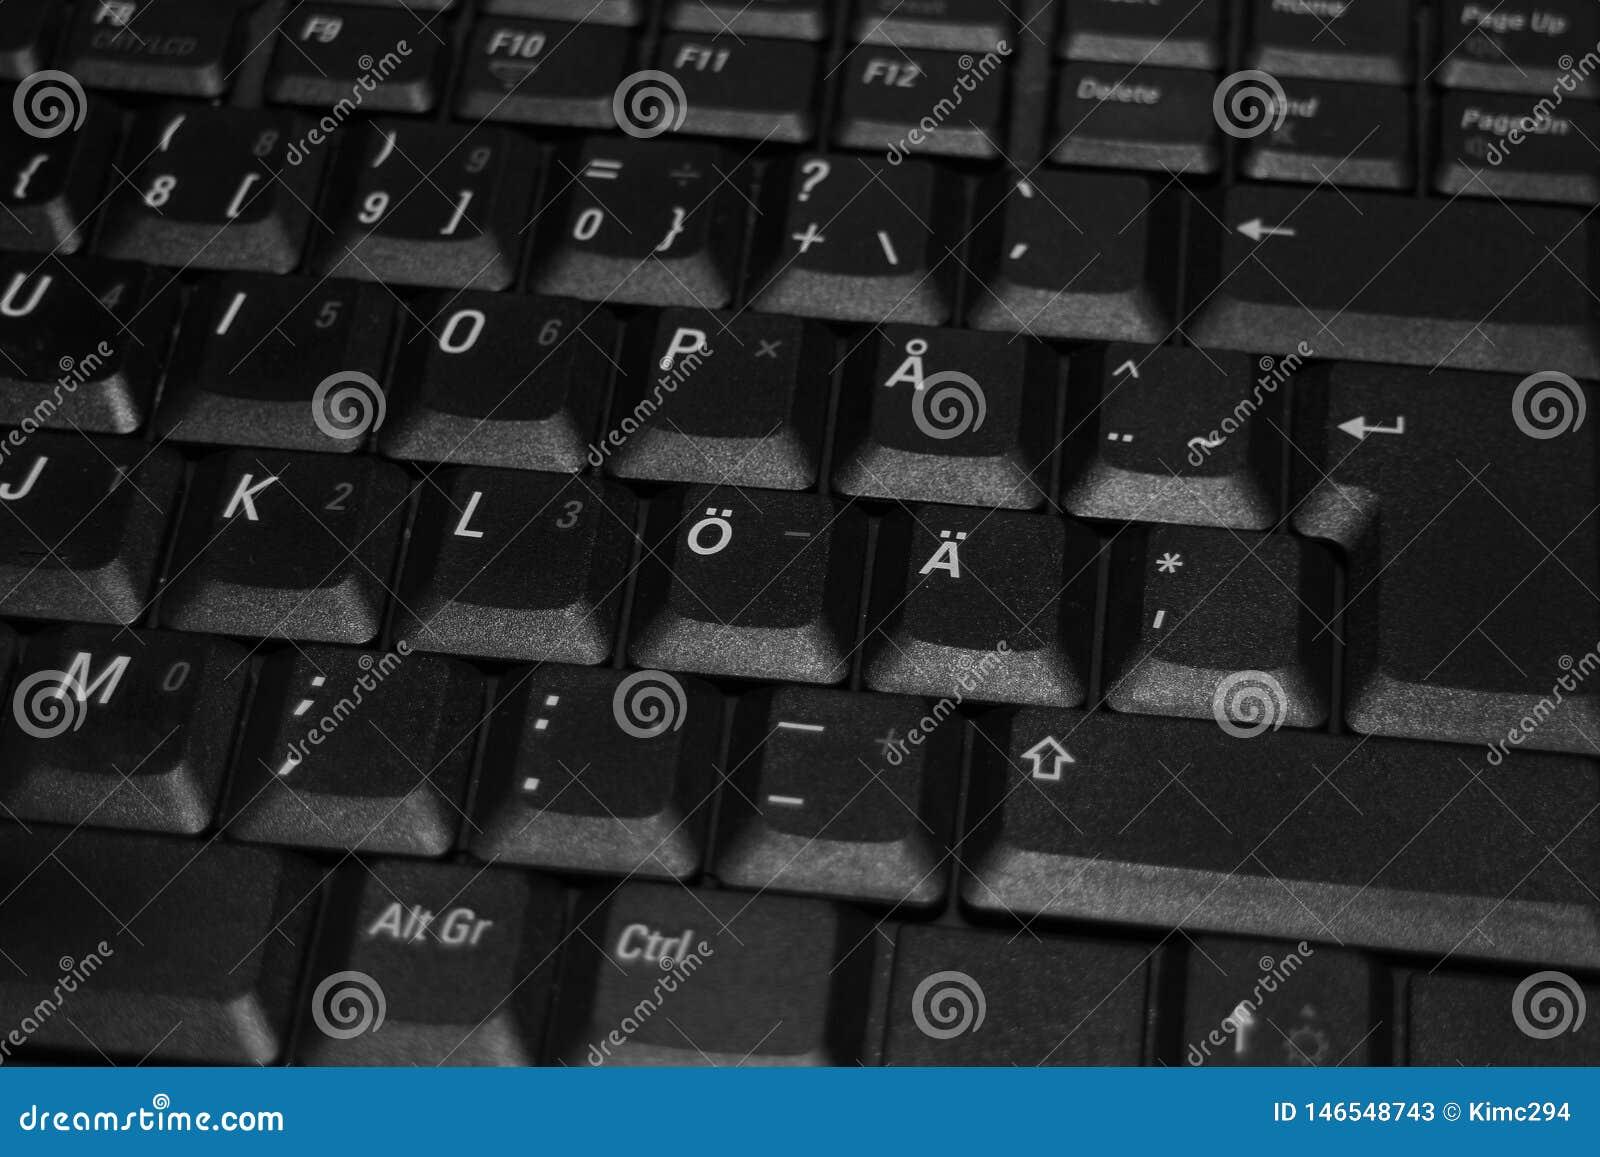 Una pieza de un teclado del ordenador portátil Foto ascendente cercana en blanco y negro